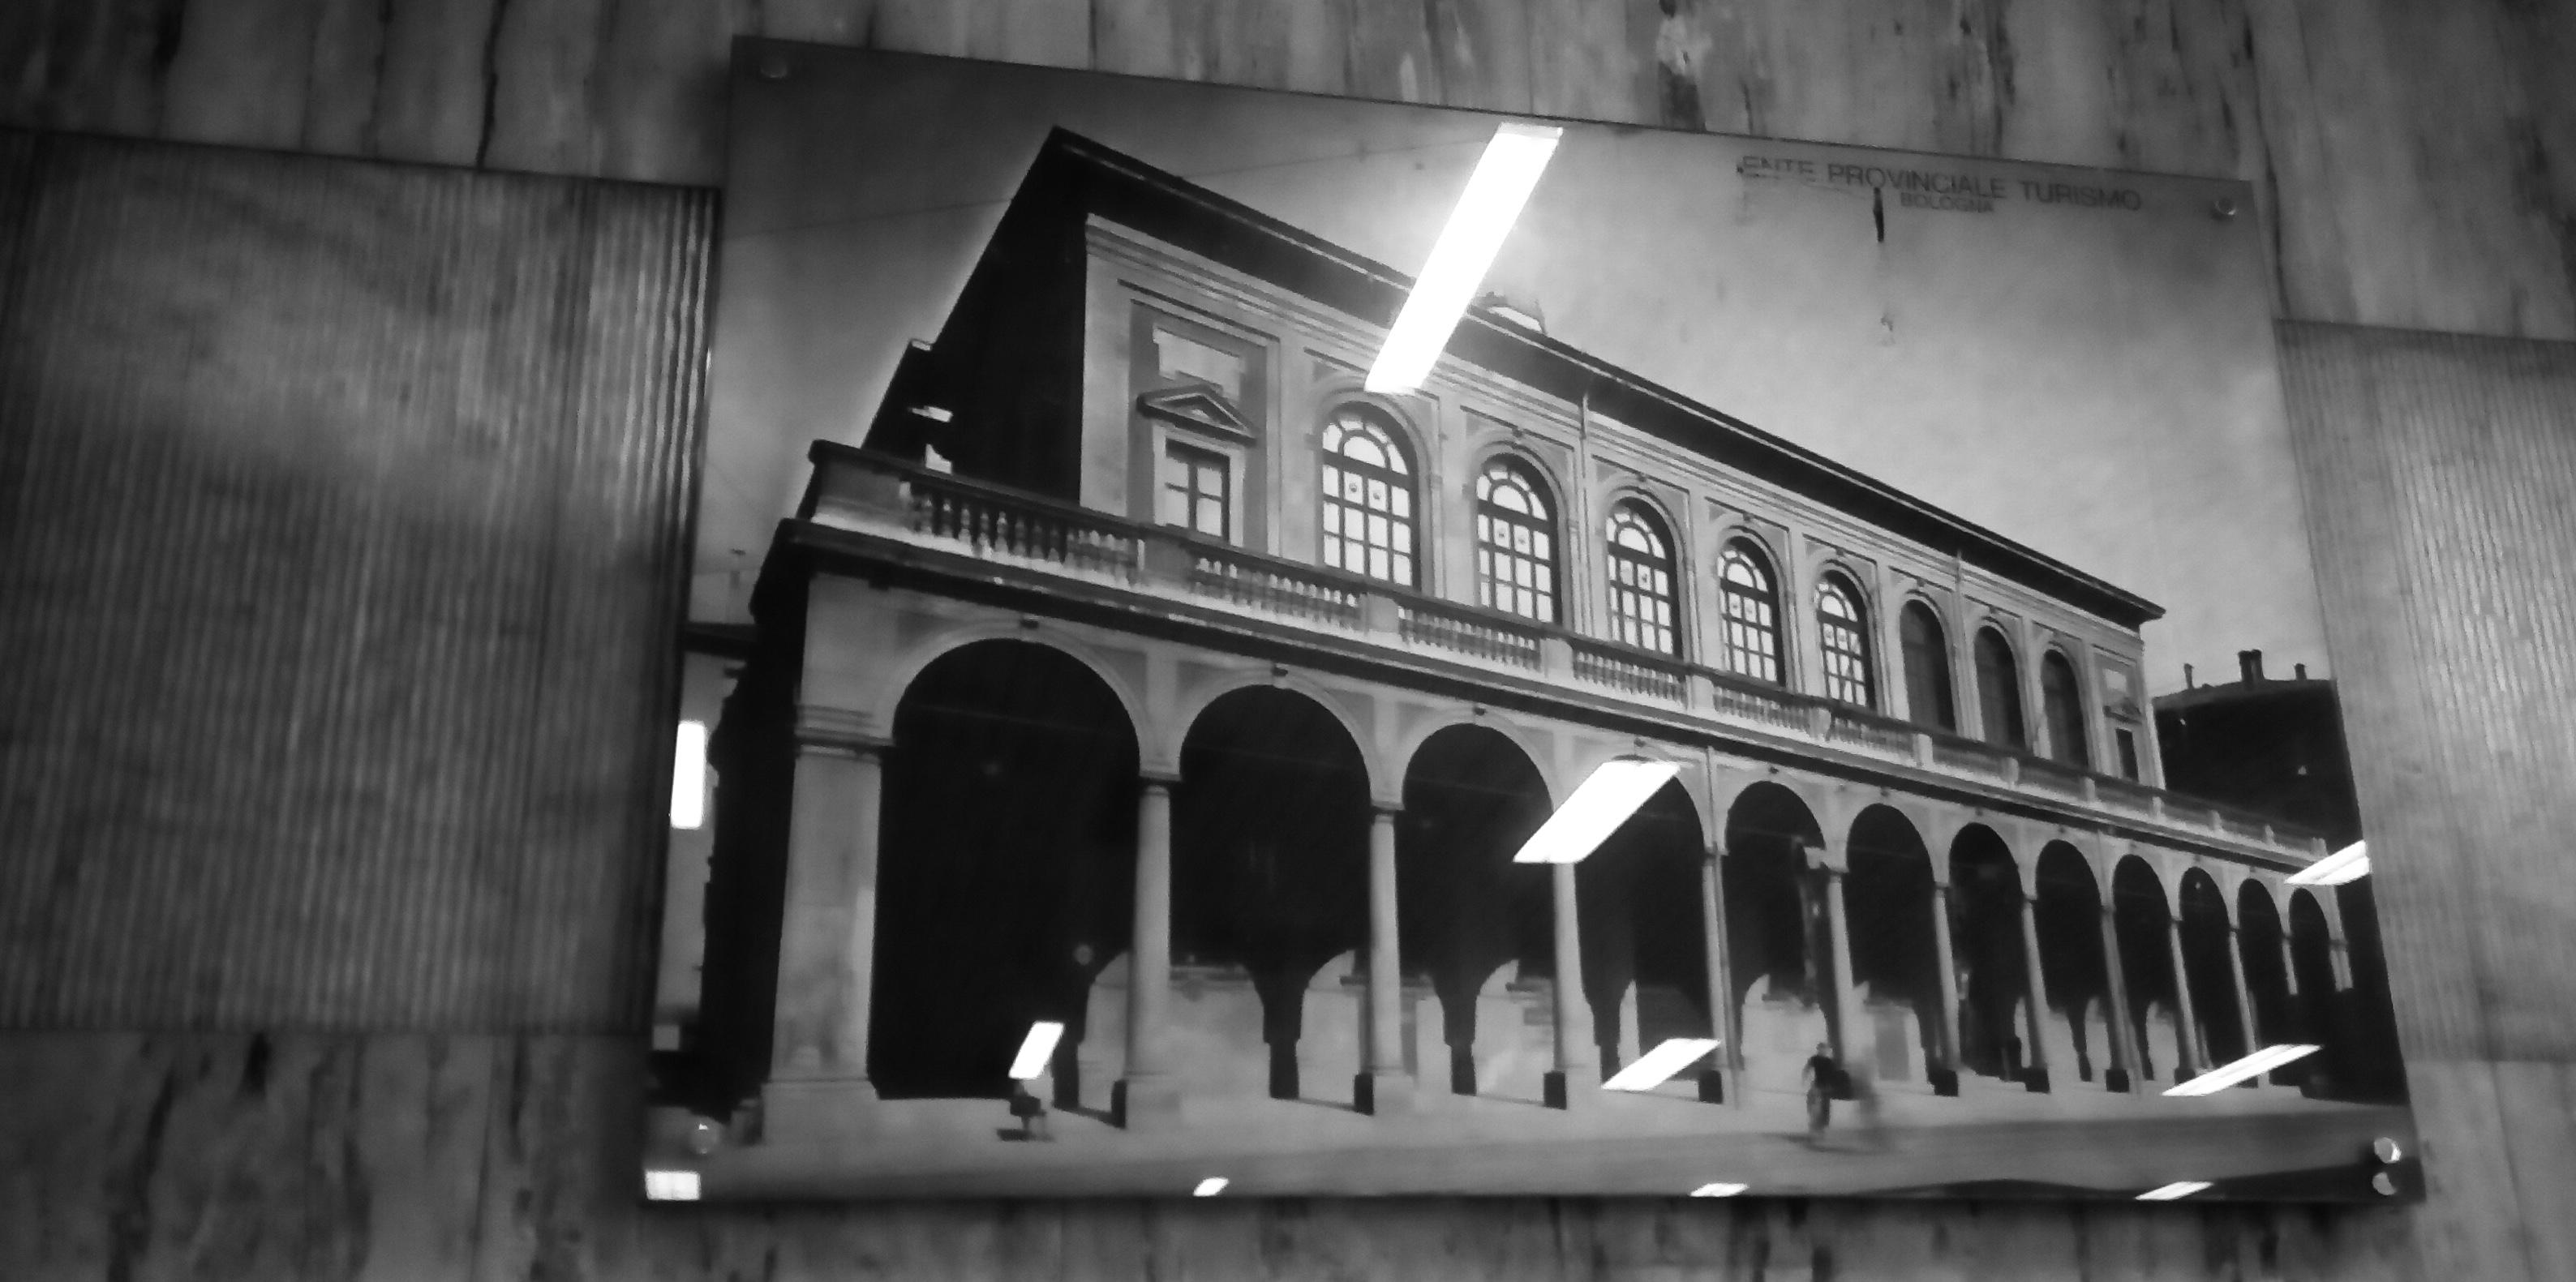 Il cartellone pubblicitario della stazione di Bologna su cui è stato trovato il tritolo